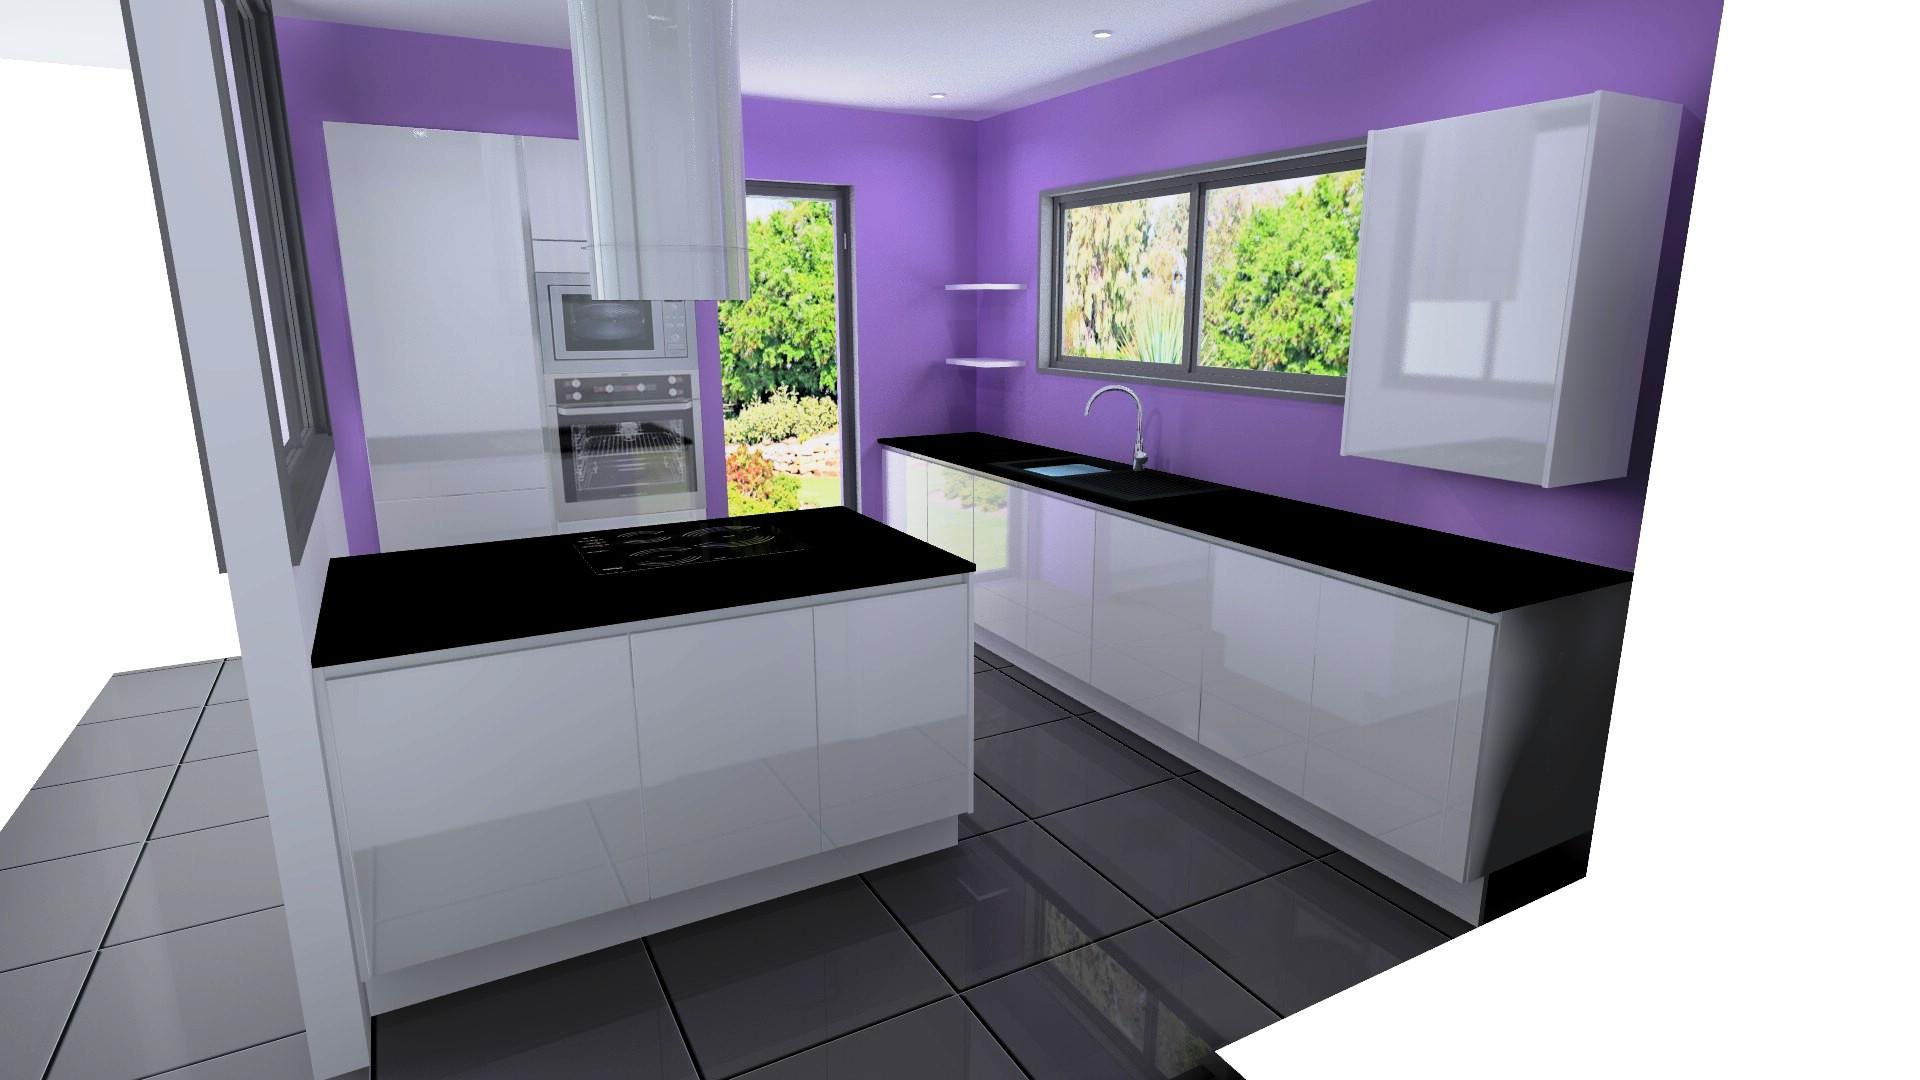 aide pour implantation cuisine 32 messages page 2. Black Bedroom Furniture Sets. Home Design Ideas